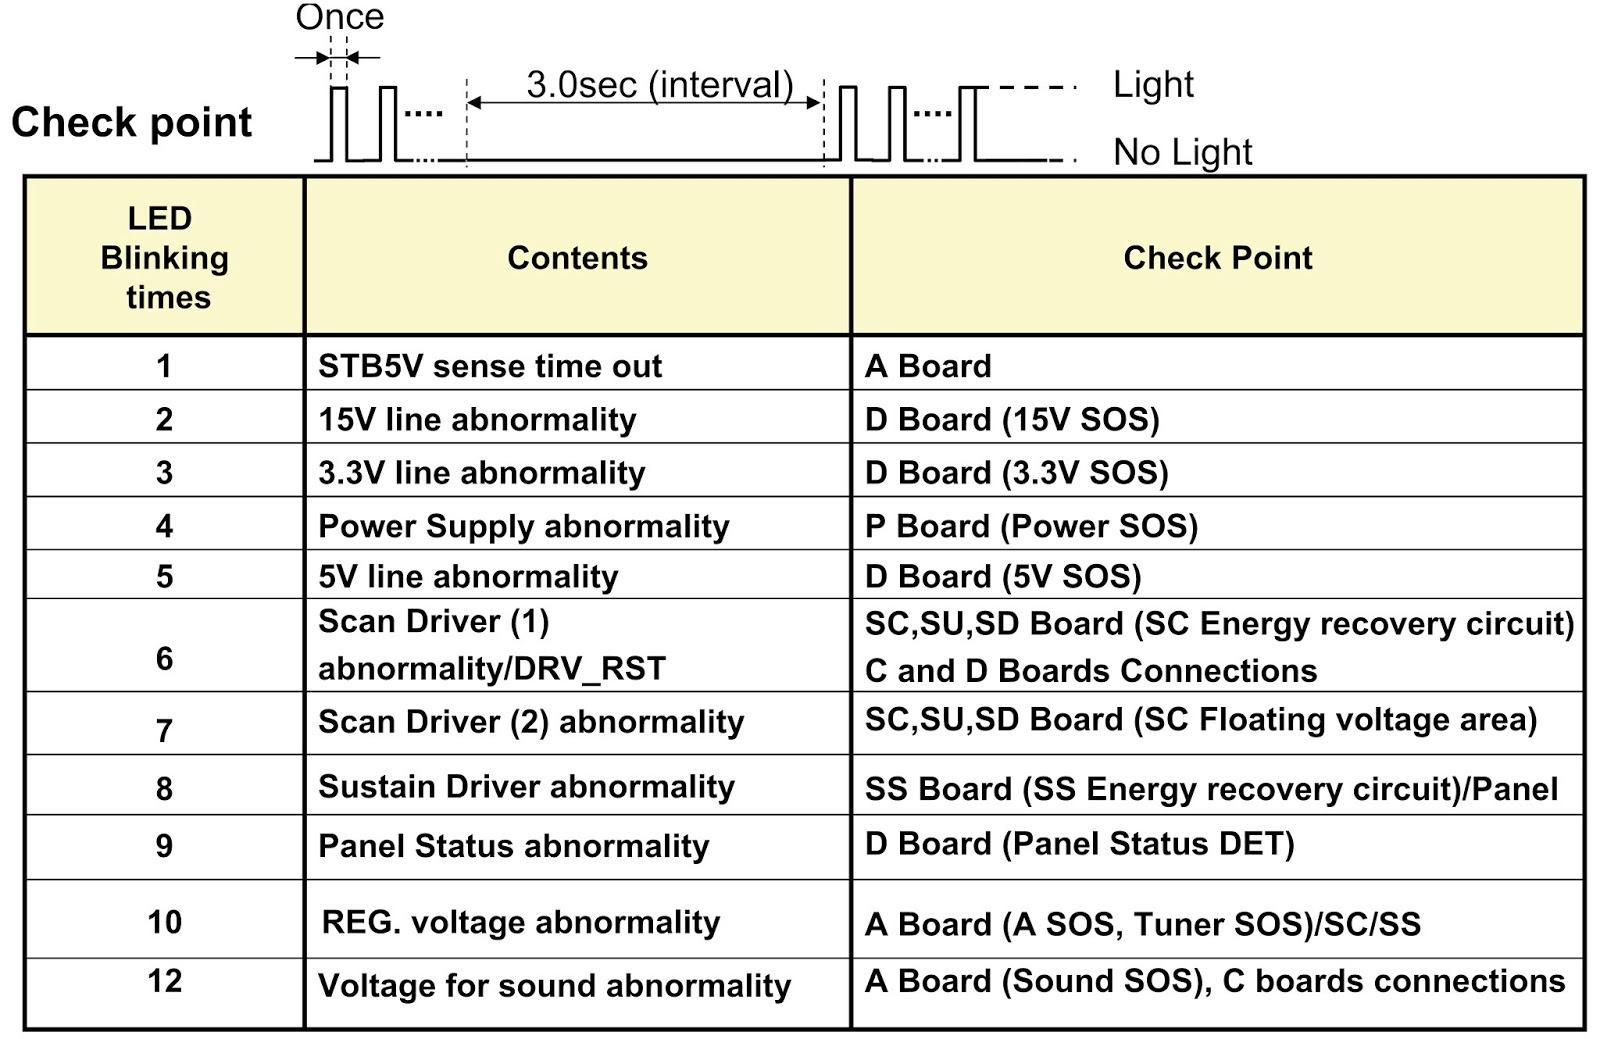 Panasonic Tv Wont Turn On Red Light Blinks 7 Times ...